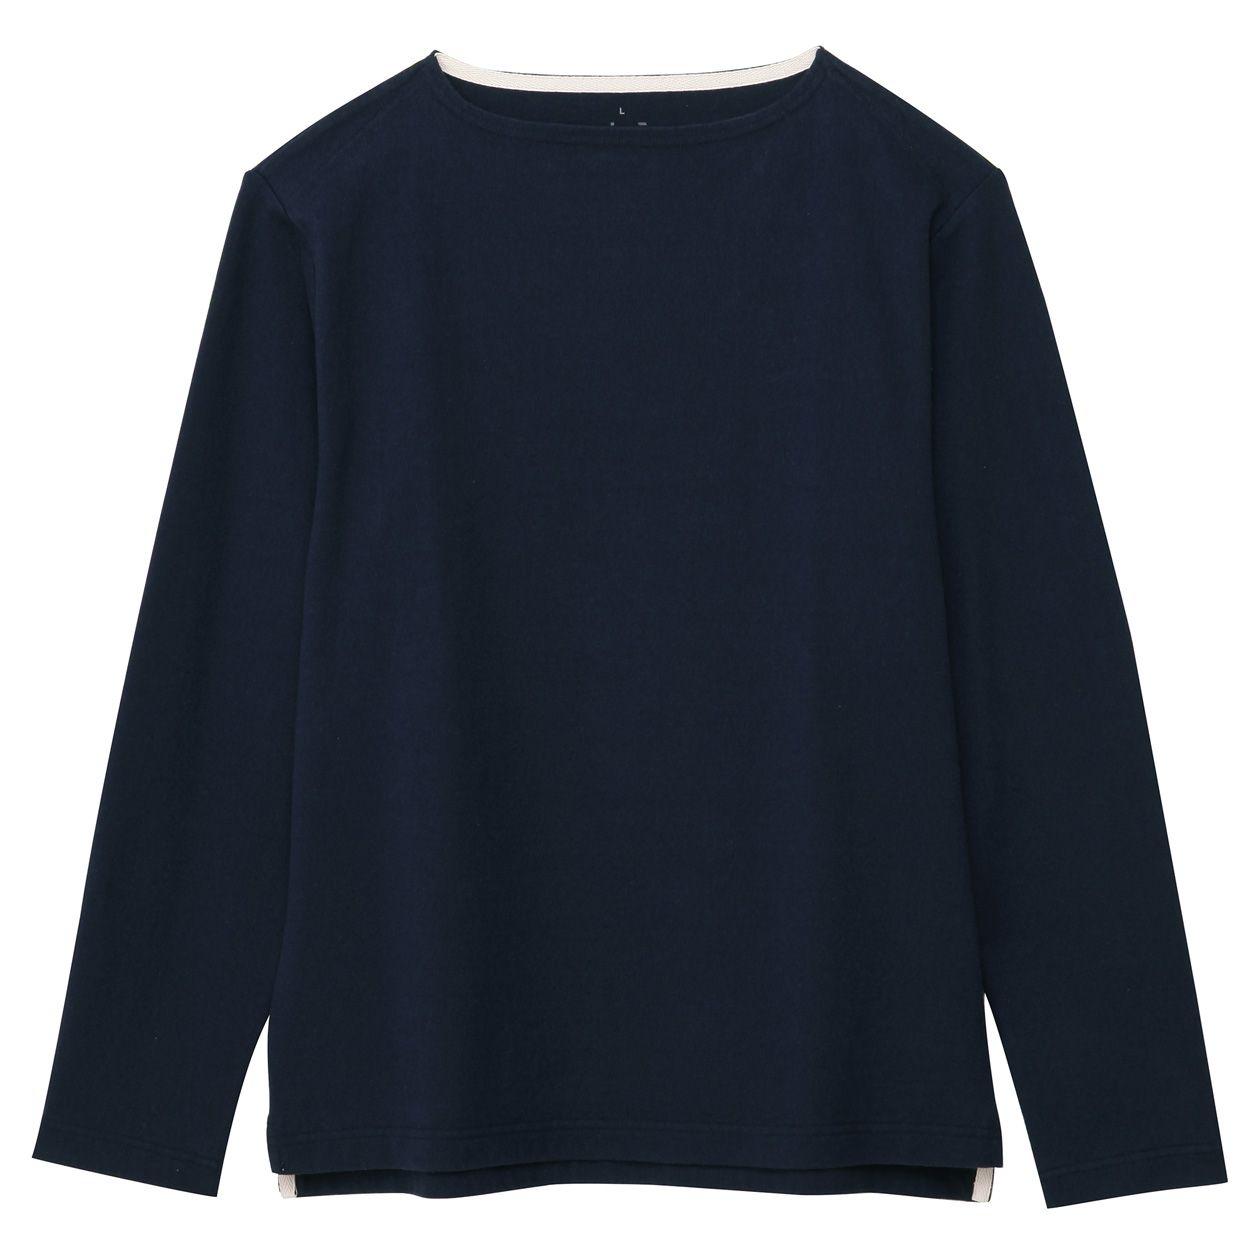 オーガニックコットン太番手長袖Tシャツ 紳士M・ダークネイビー | 無印良品ネット.